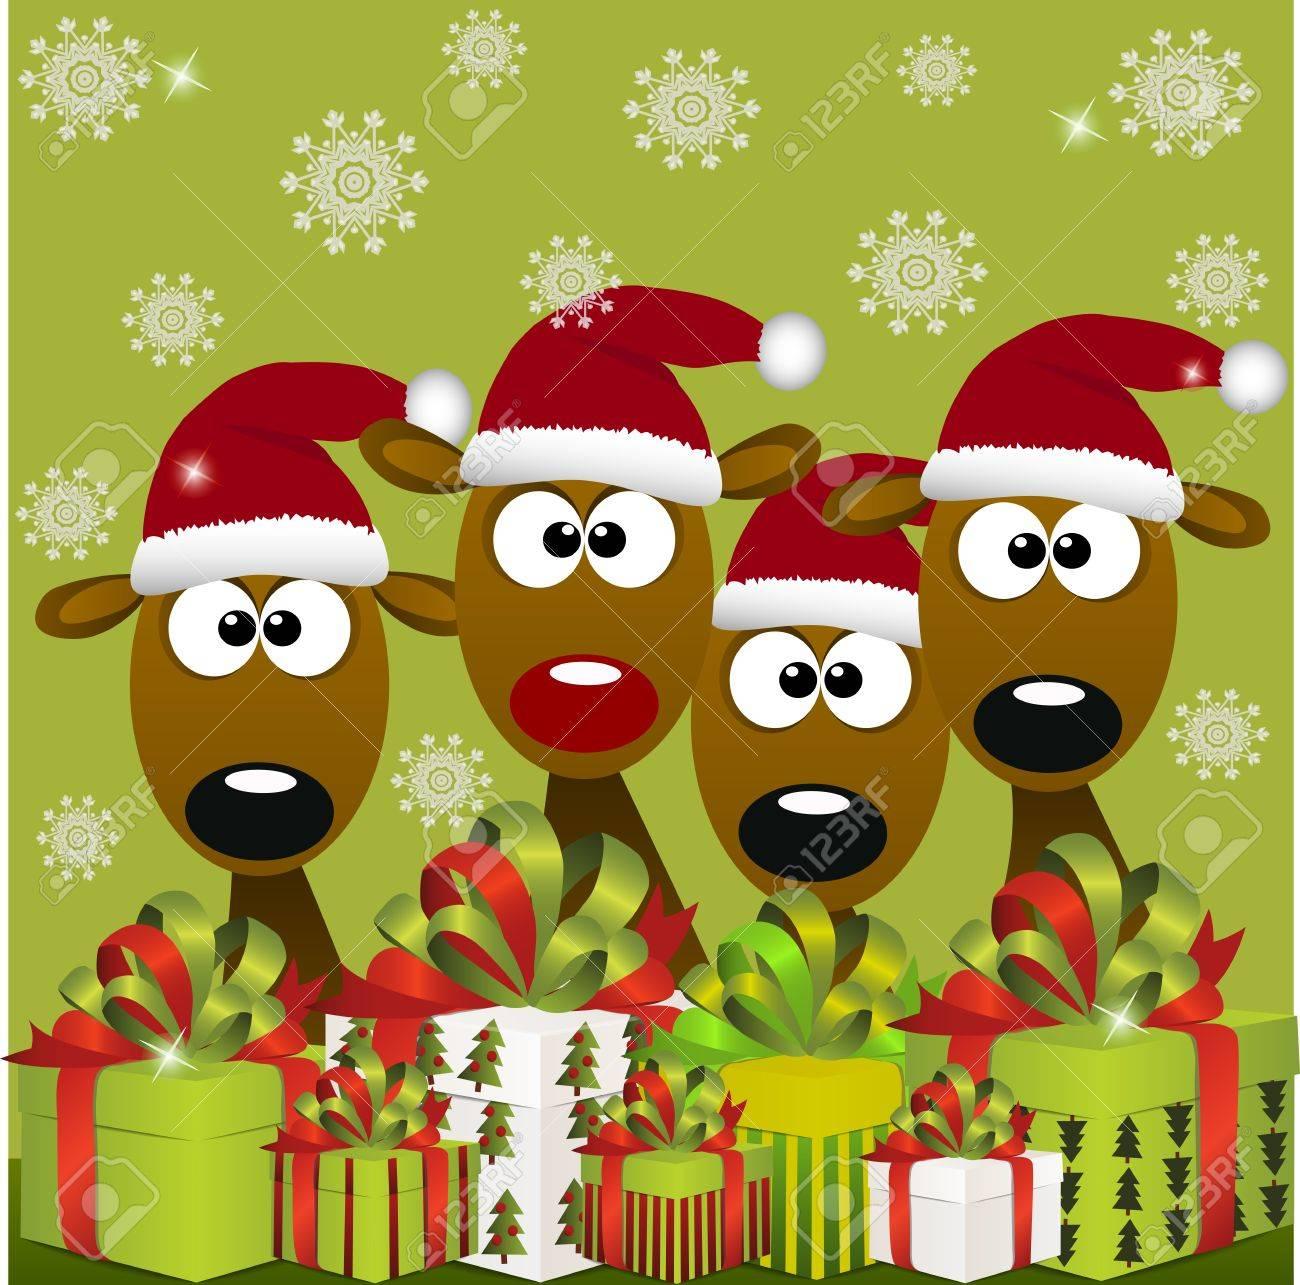 Buon Natale Originale.Vettoriale Di Alta Qualita Originale Illustrazione Vettoriale Alla